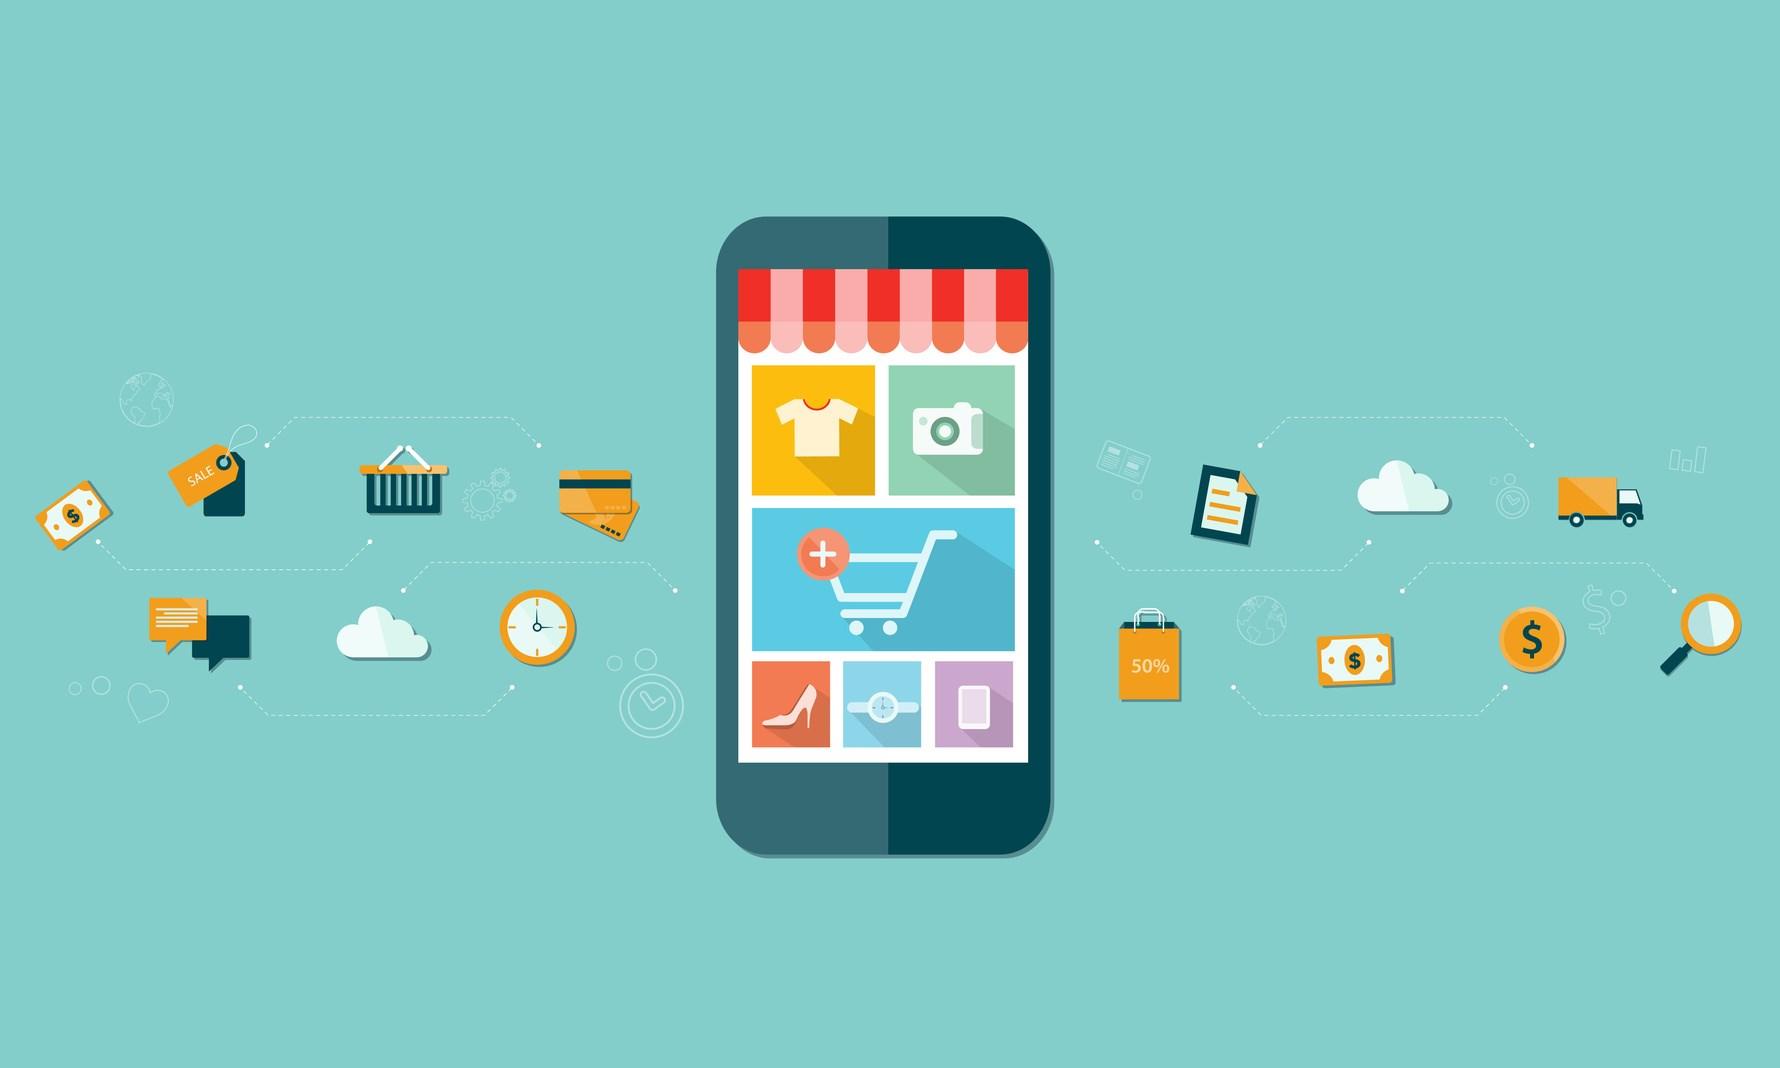 mobil-ticaret-kullanilabilirligi